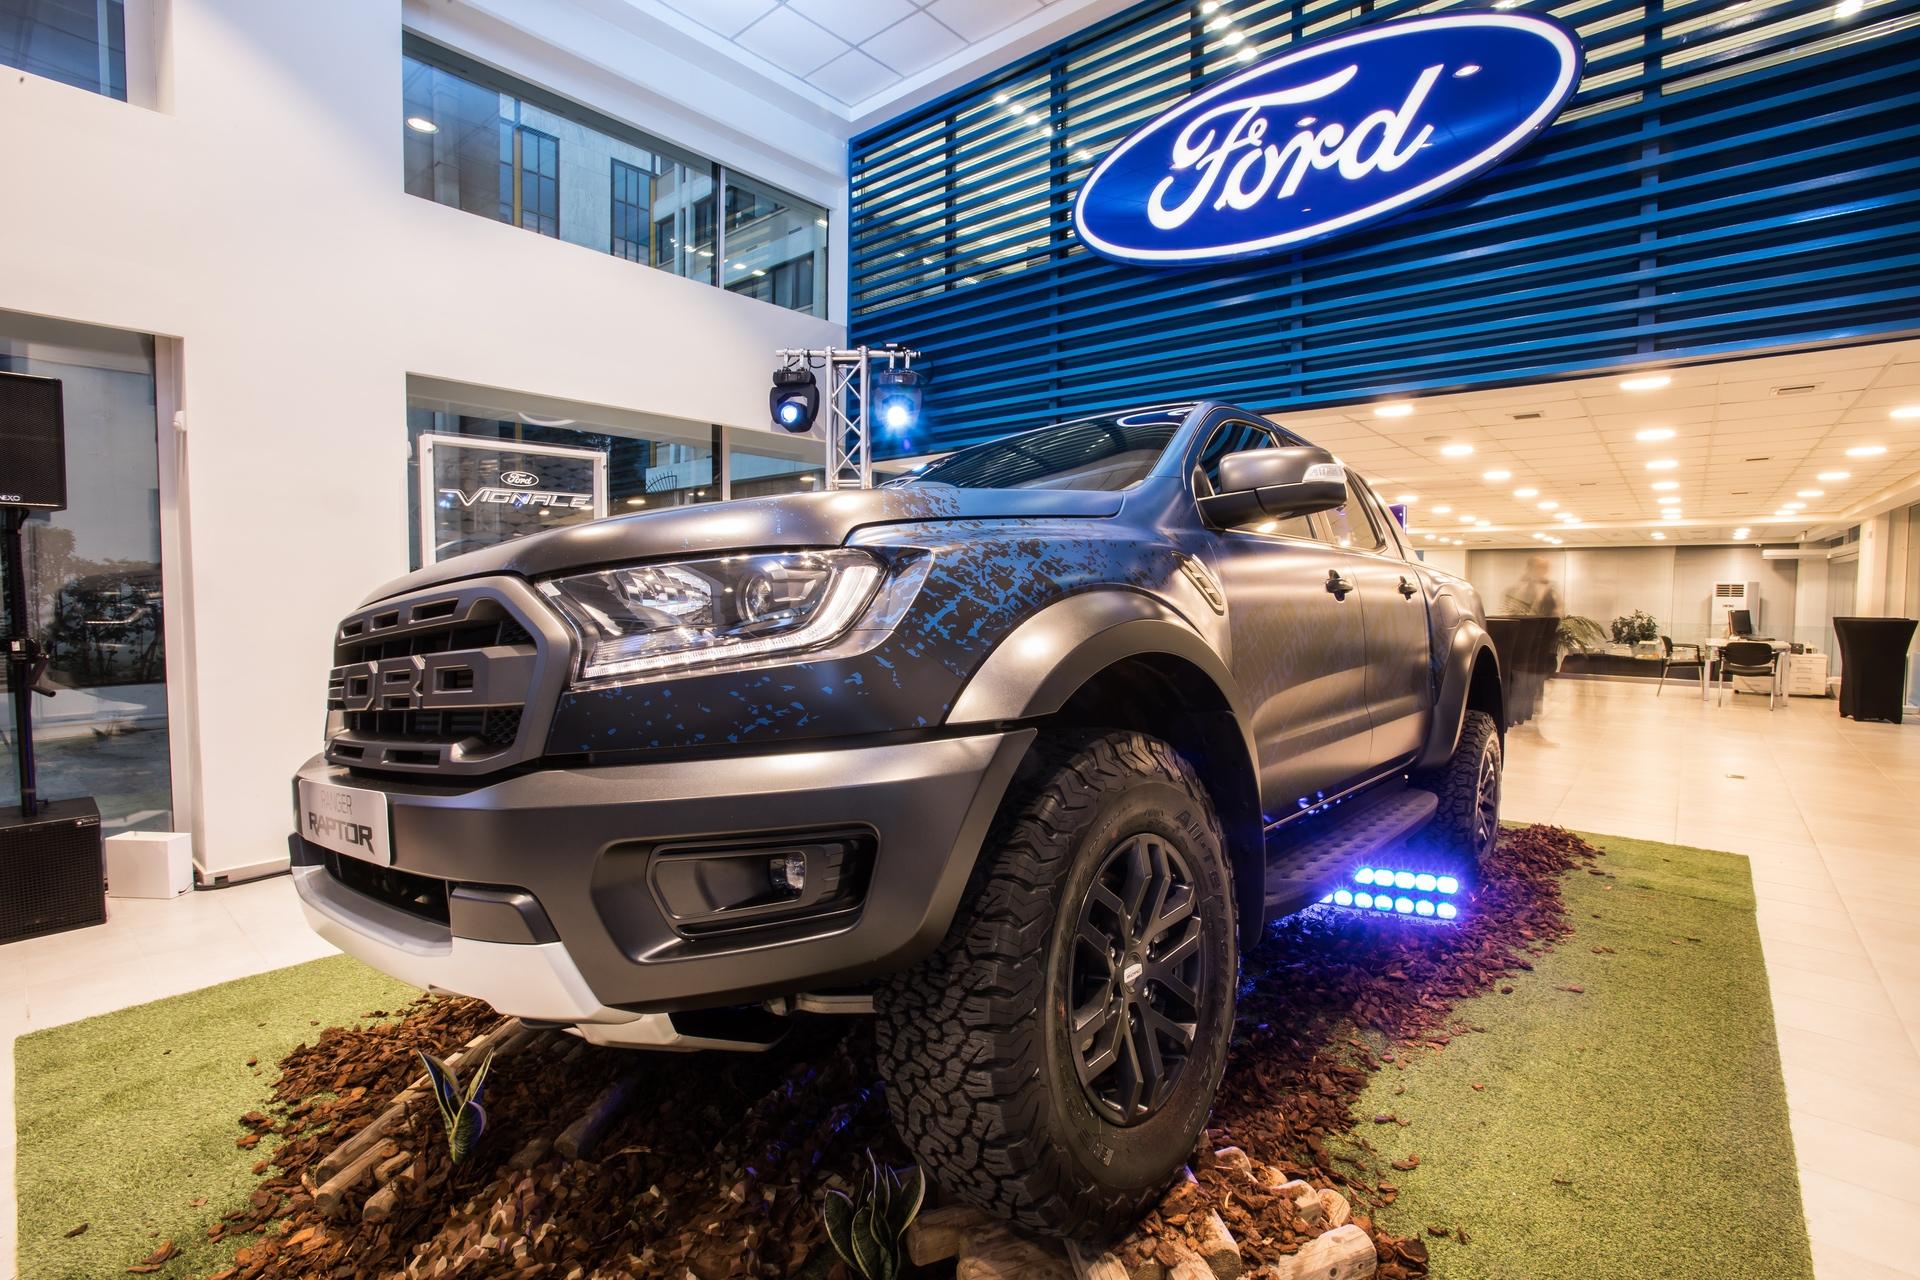 Ford_Ranger_Raptor_greek_resentation_0020